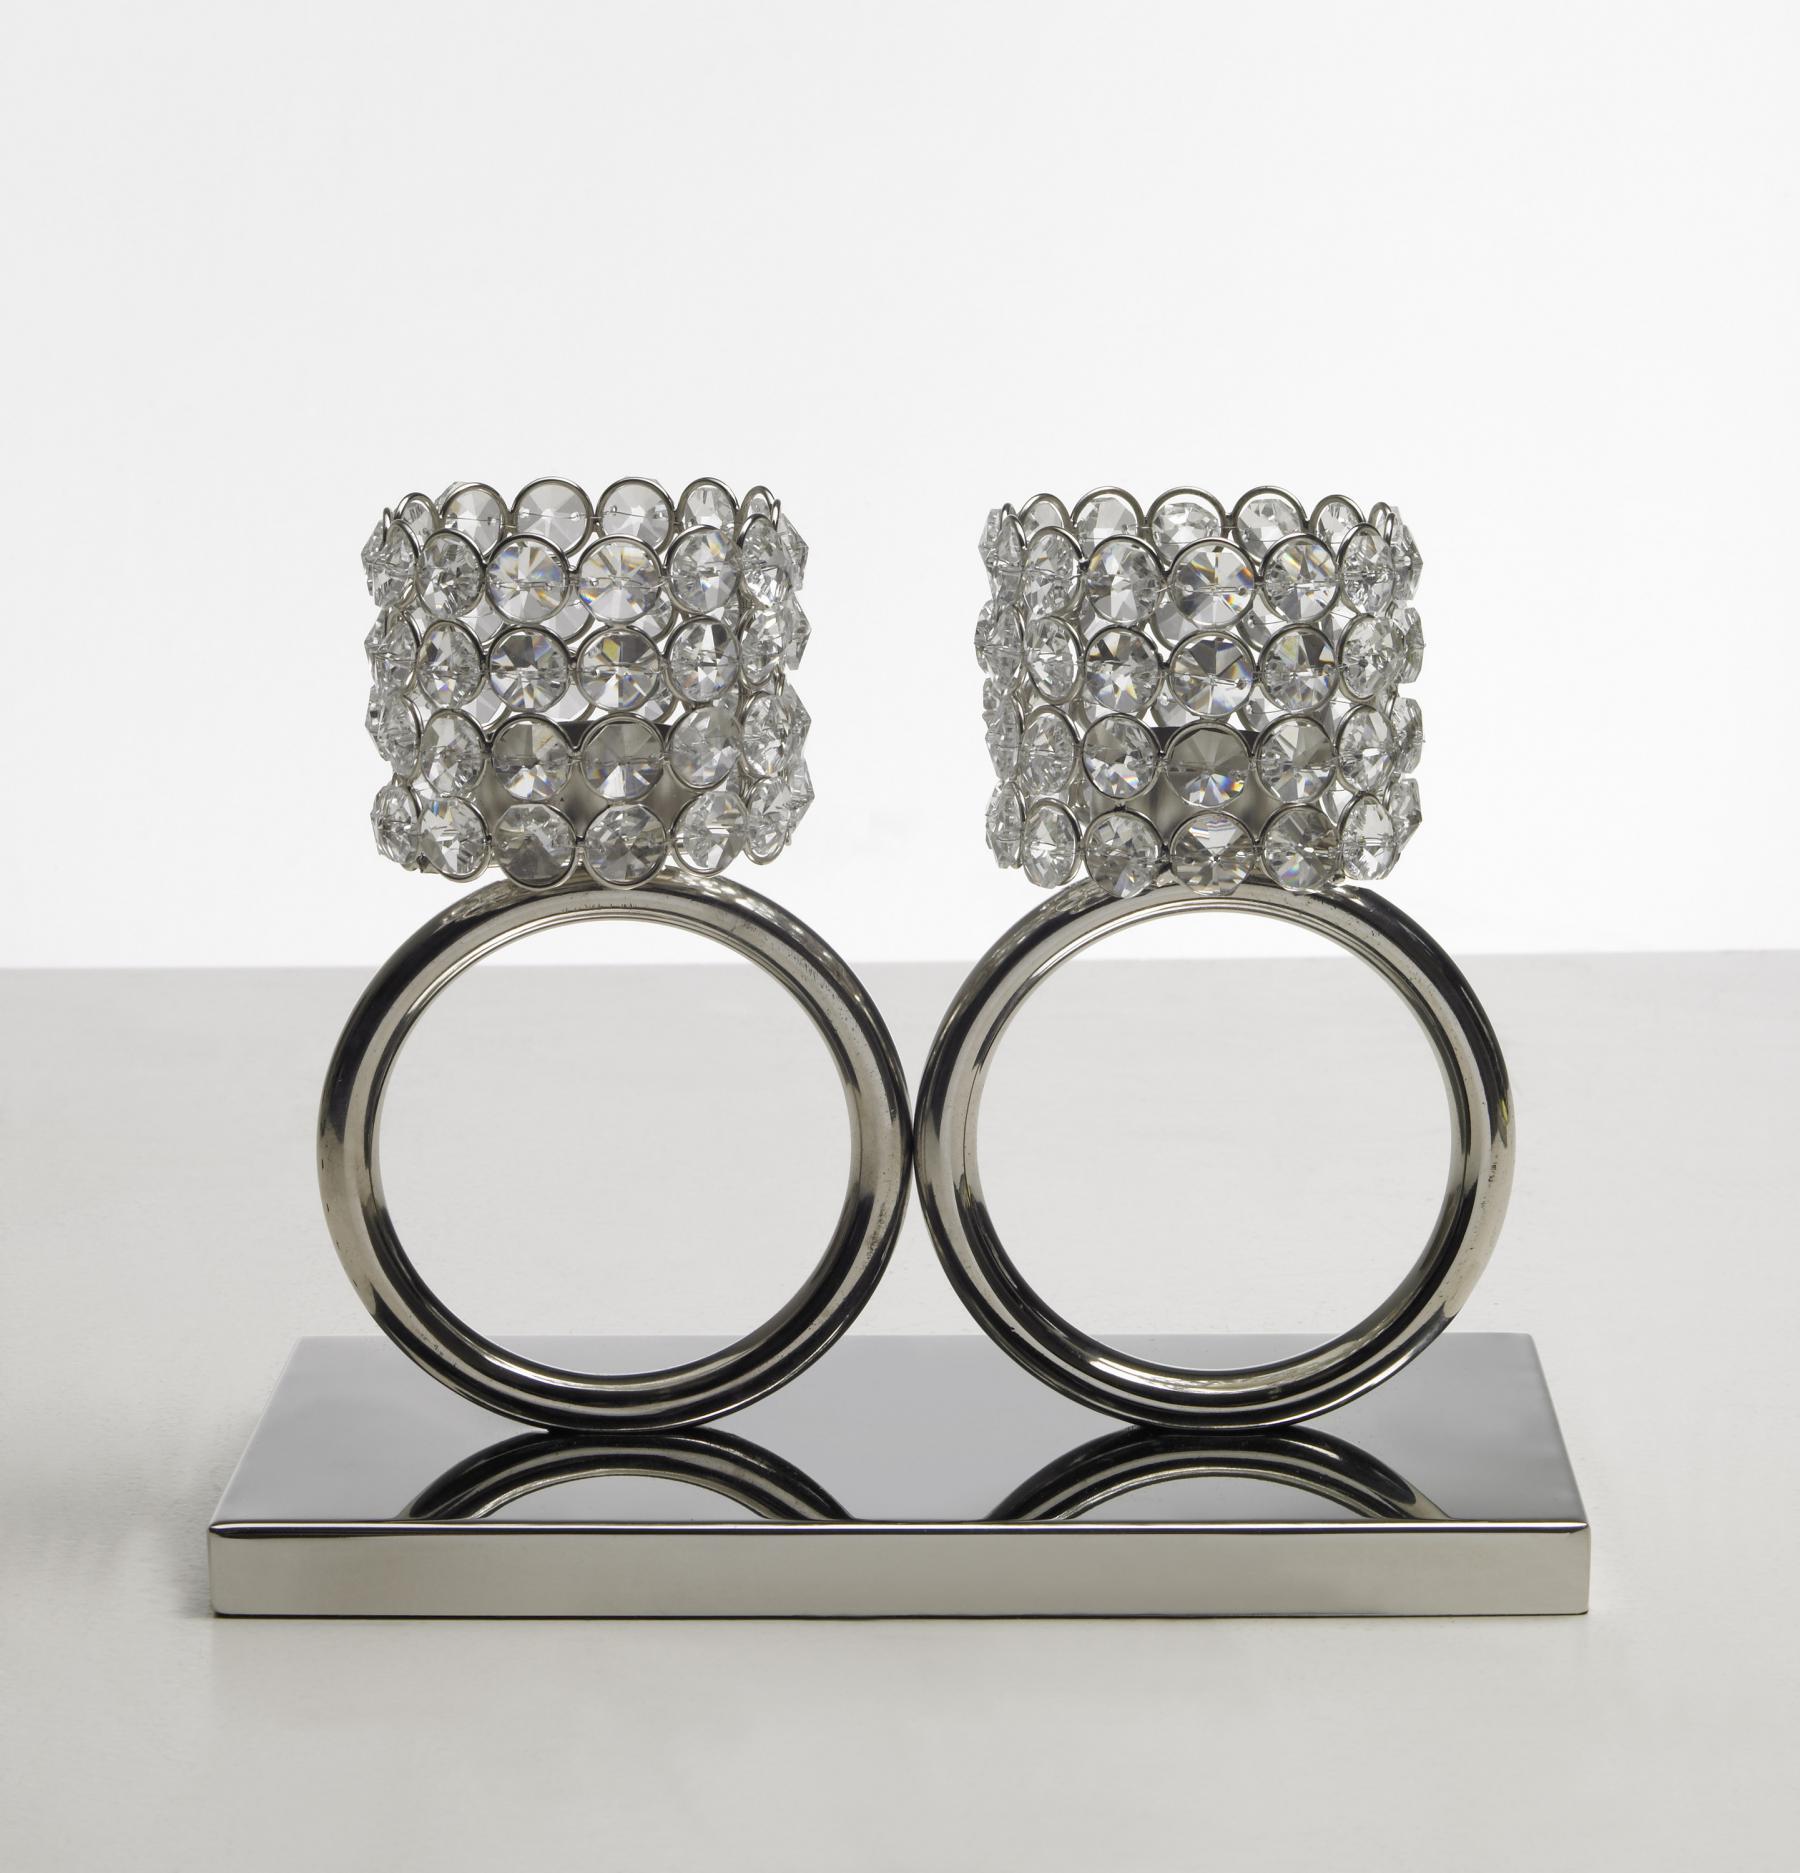 Ausgefallene Deko Silber: Kristall Kerzenständer Teelichthalter Louise 2 Ring